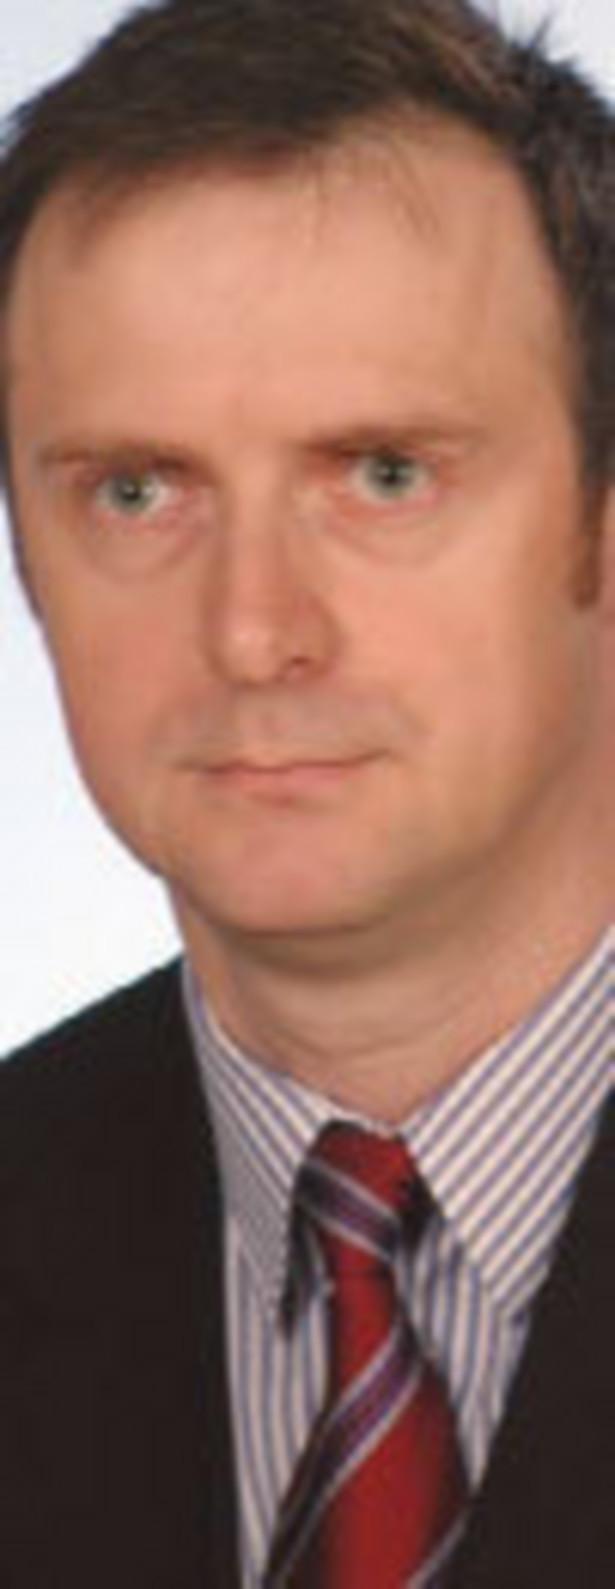 Arkadiusz Sobczyk, radca prawny, kancelaria Prawna Sobczyk i Współpracownicy w Krakowie